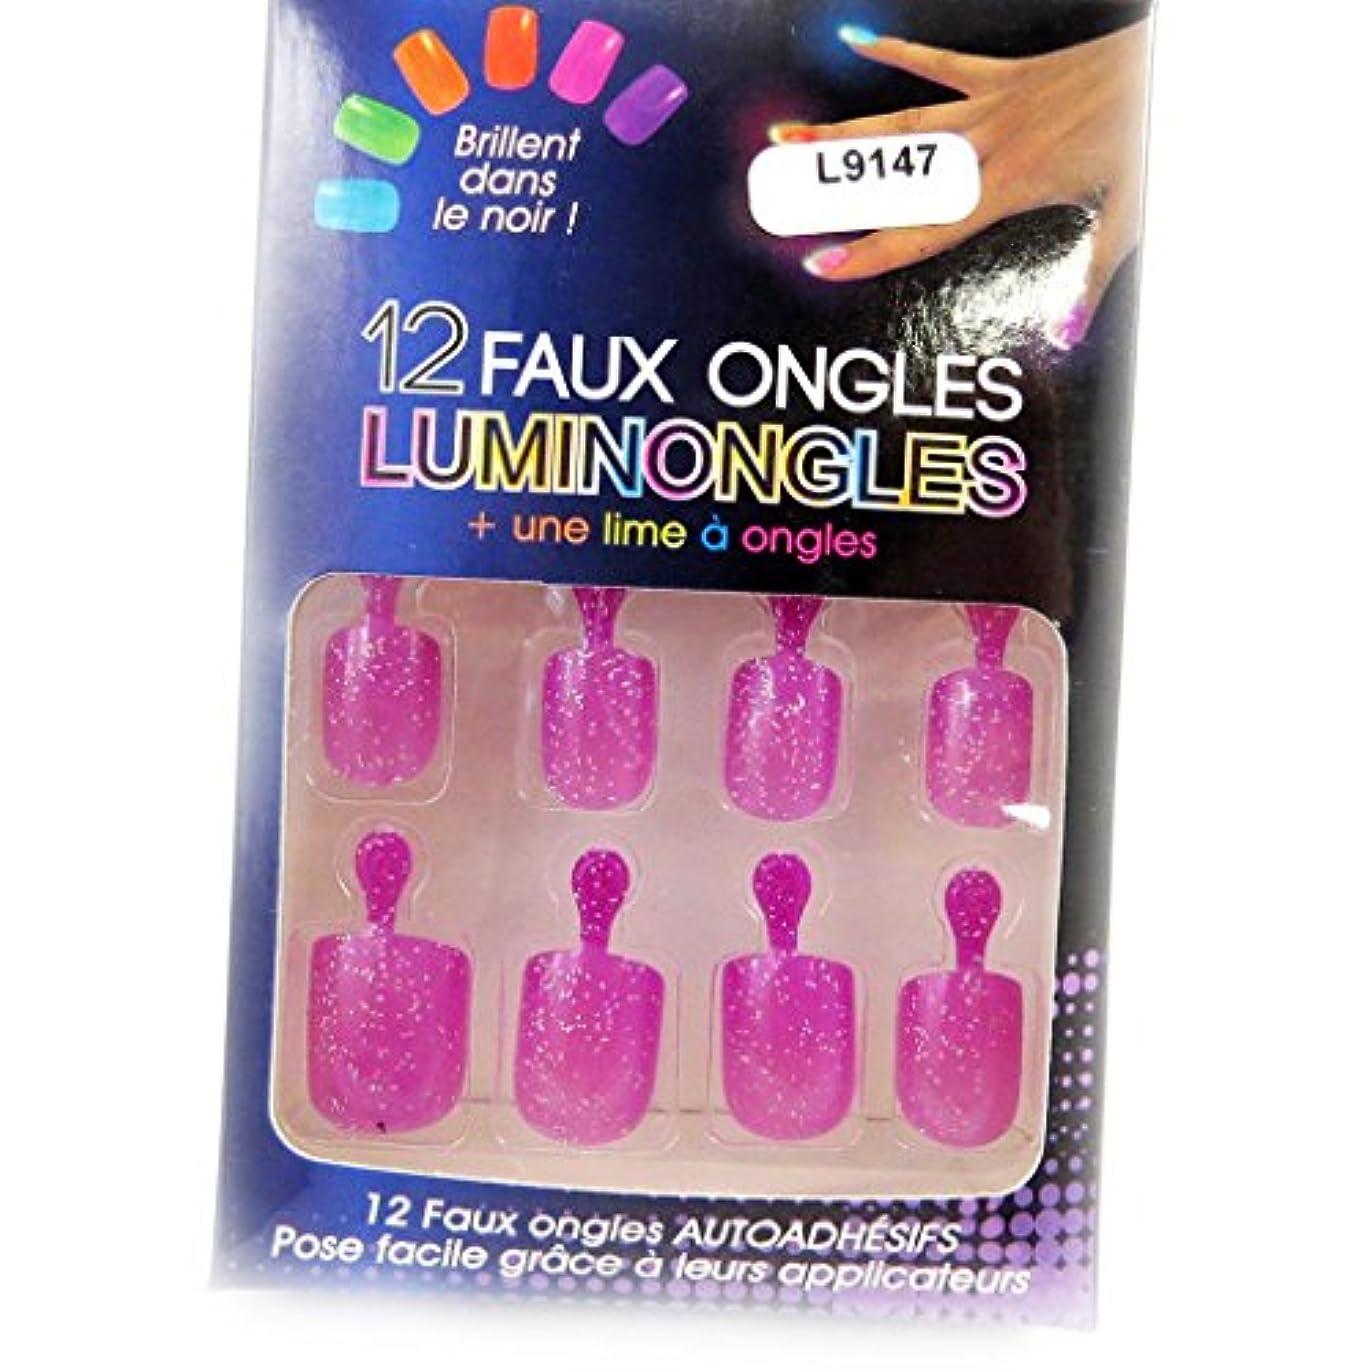 ベックス感度鋸歯状[リリーの宝 (Les Tresors De Lily)] (Luminongles コレクション) [L9147] アクリルスカルプチュア ピンク